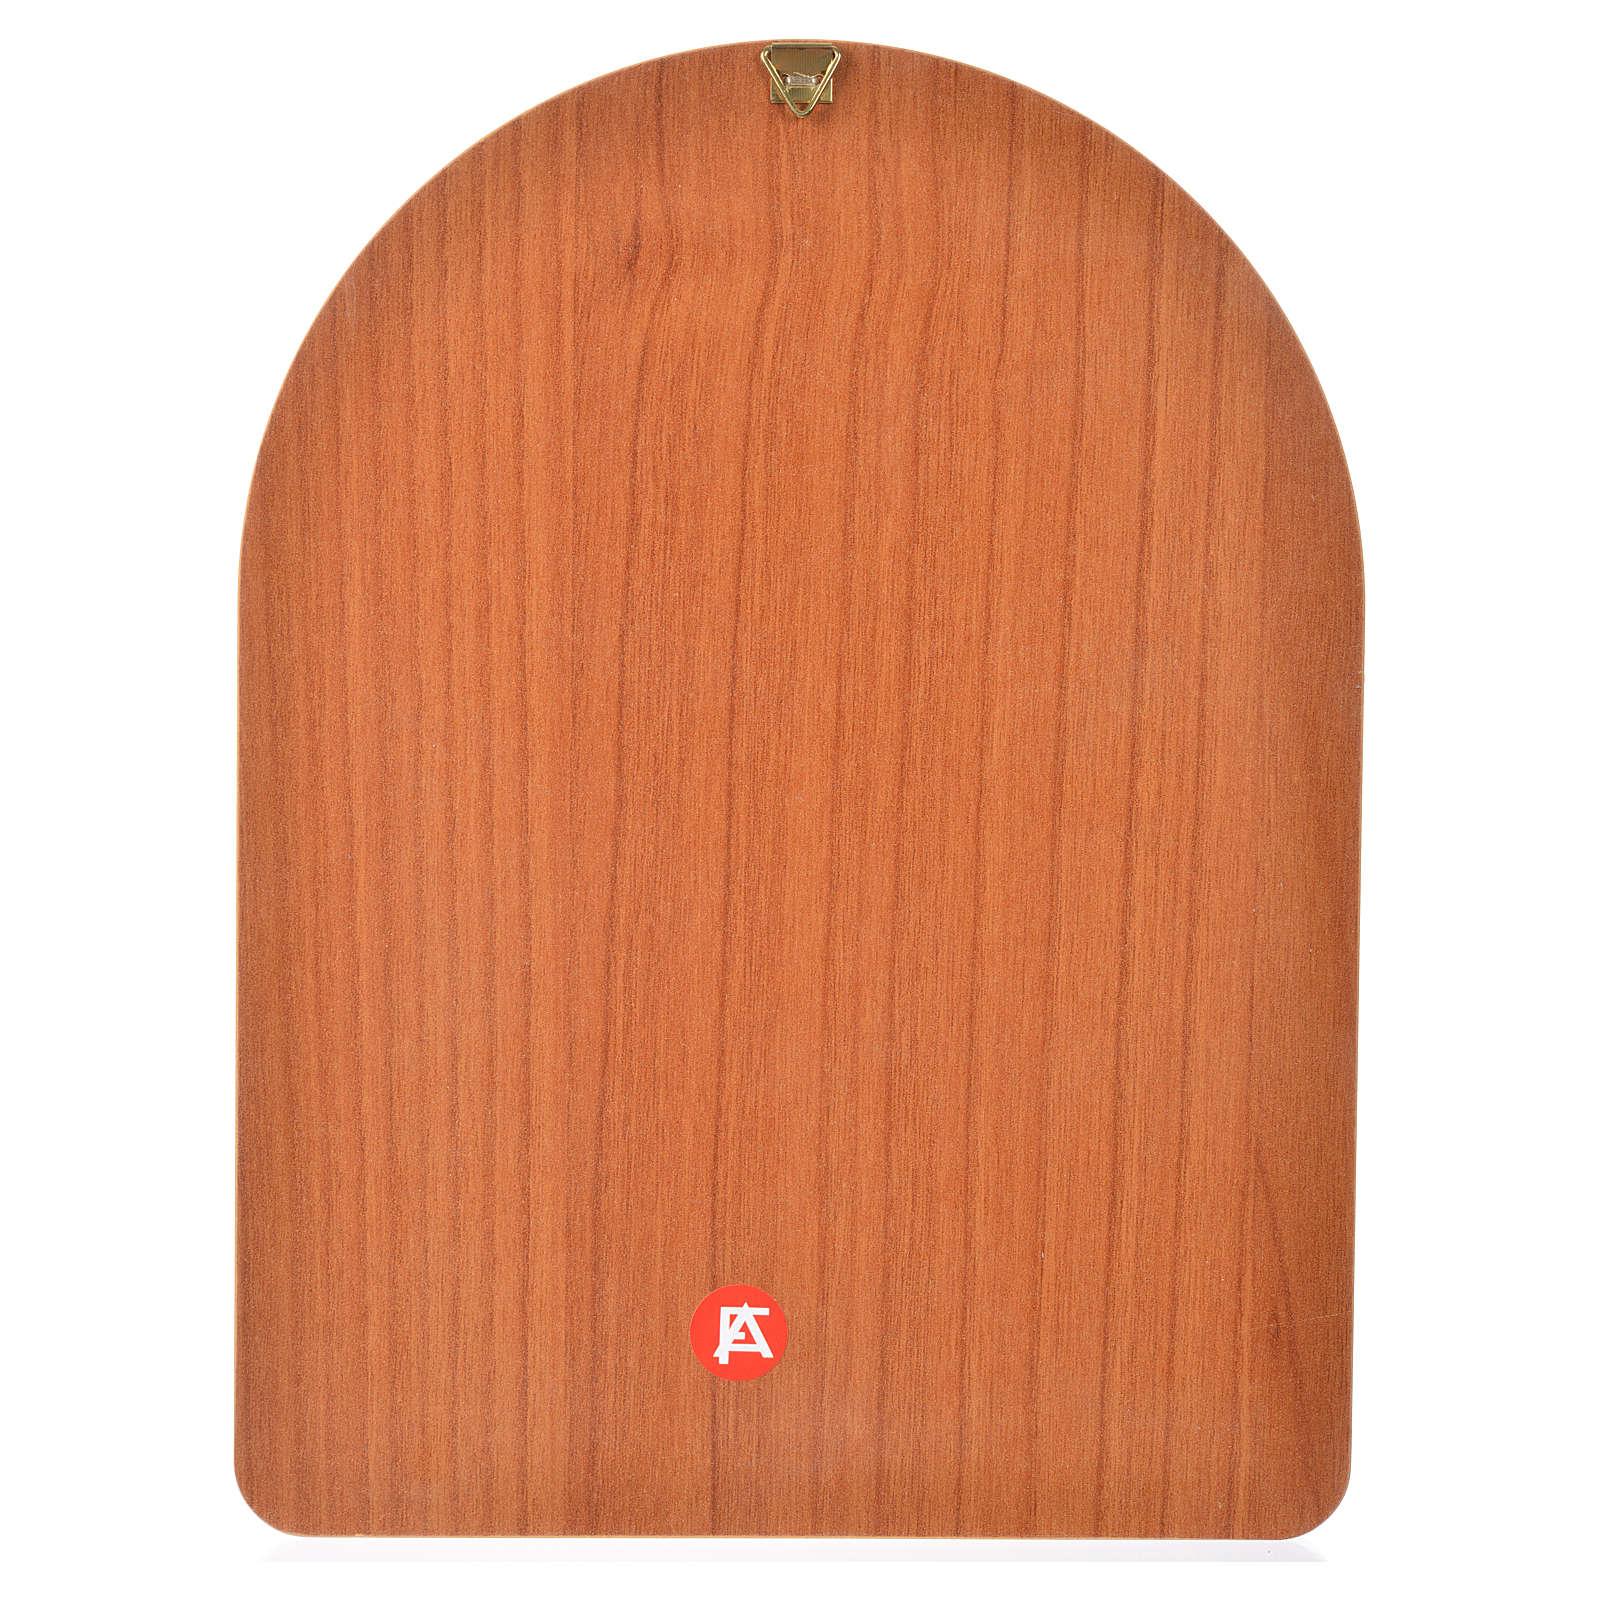 Stampa su legno 15x20cm Sacra Famiglia 3